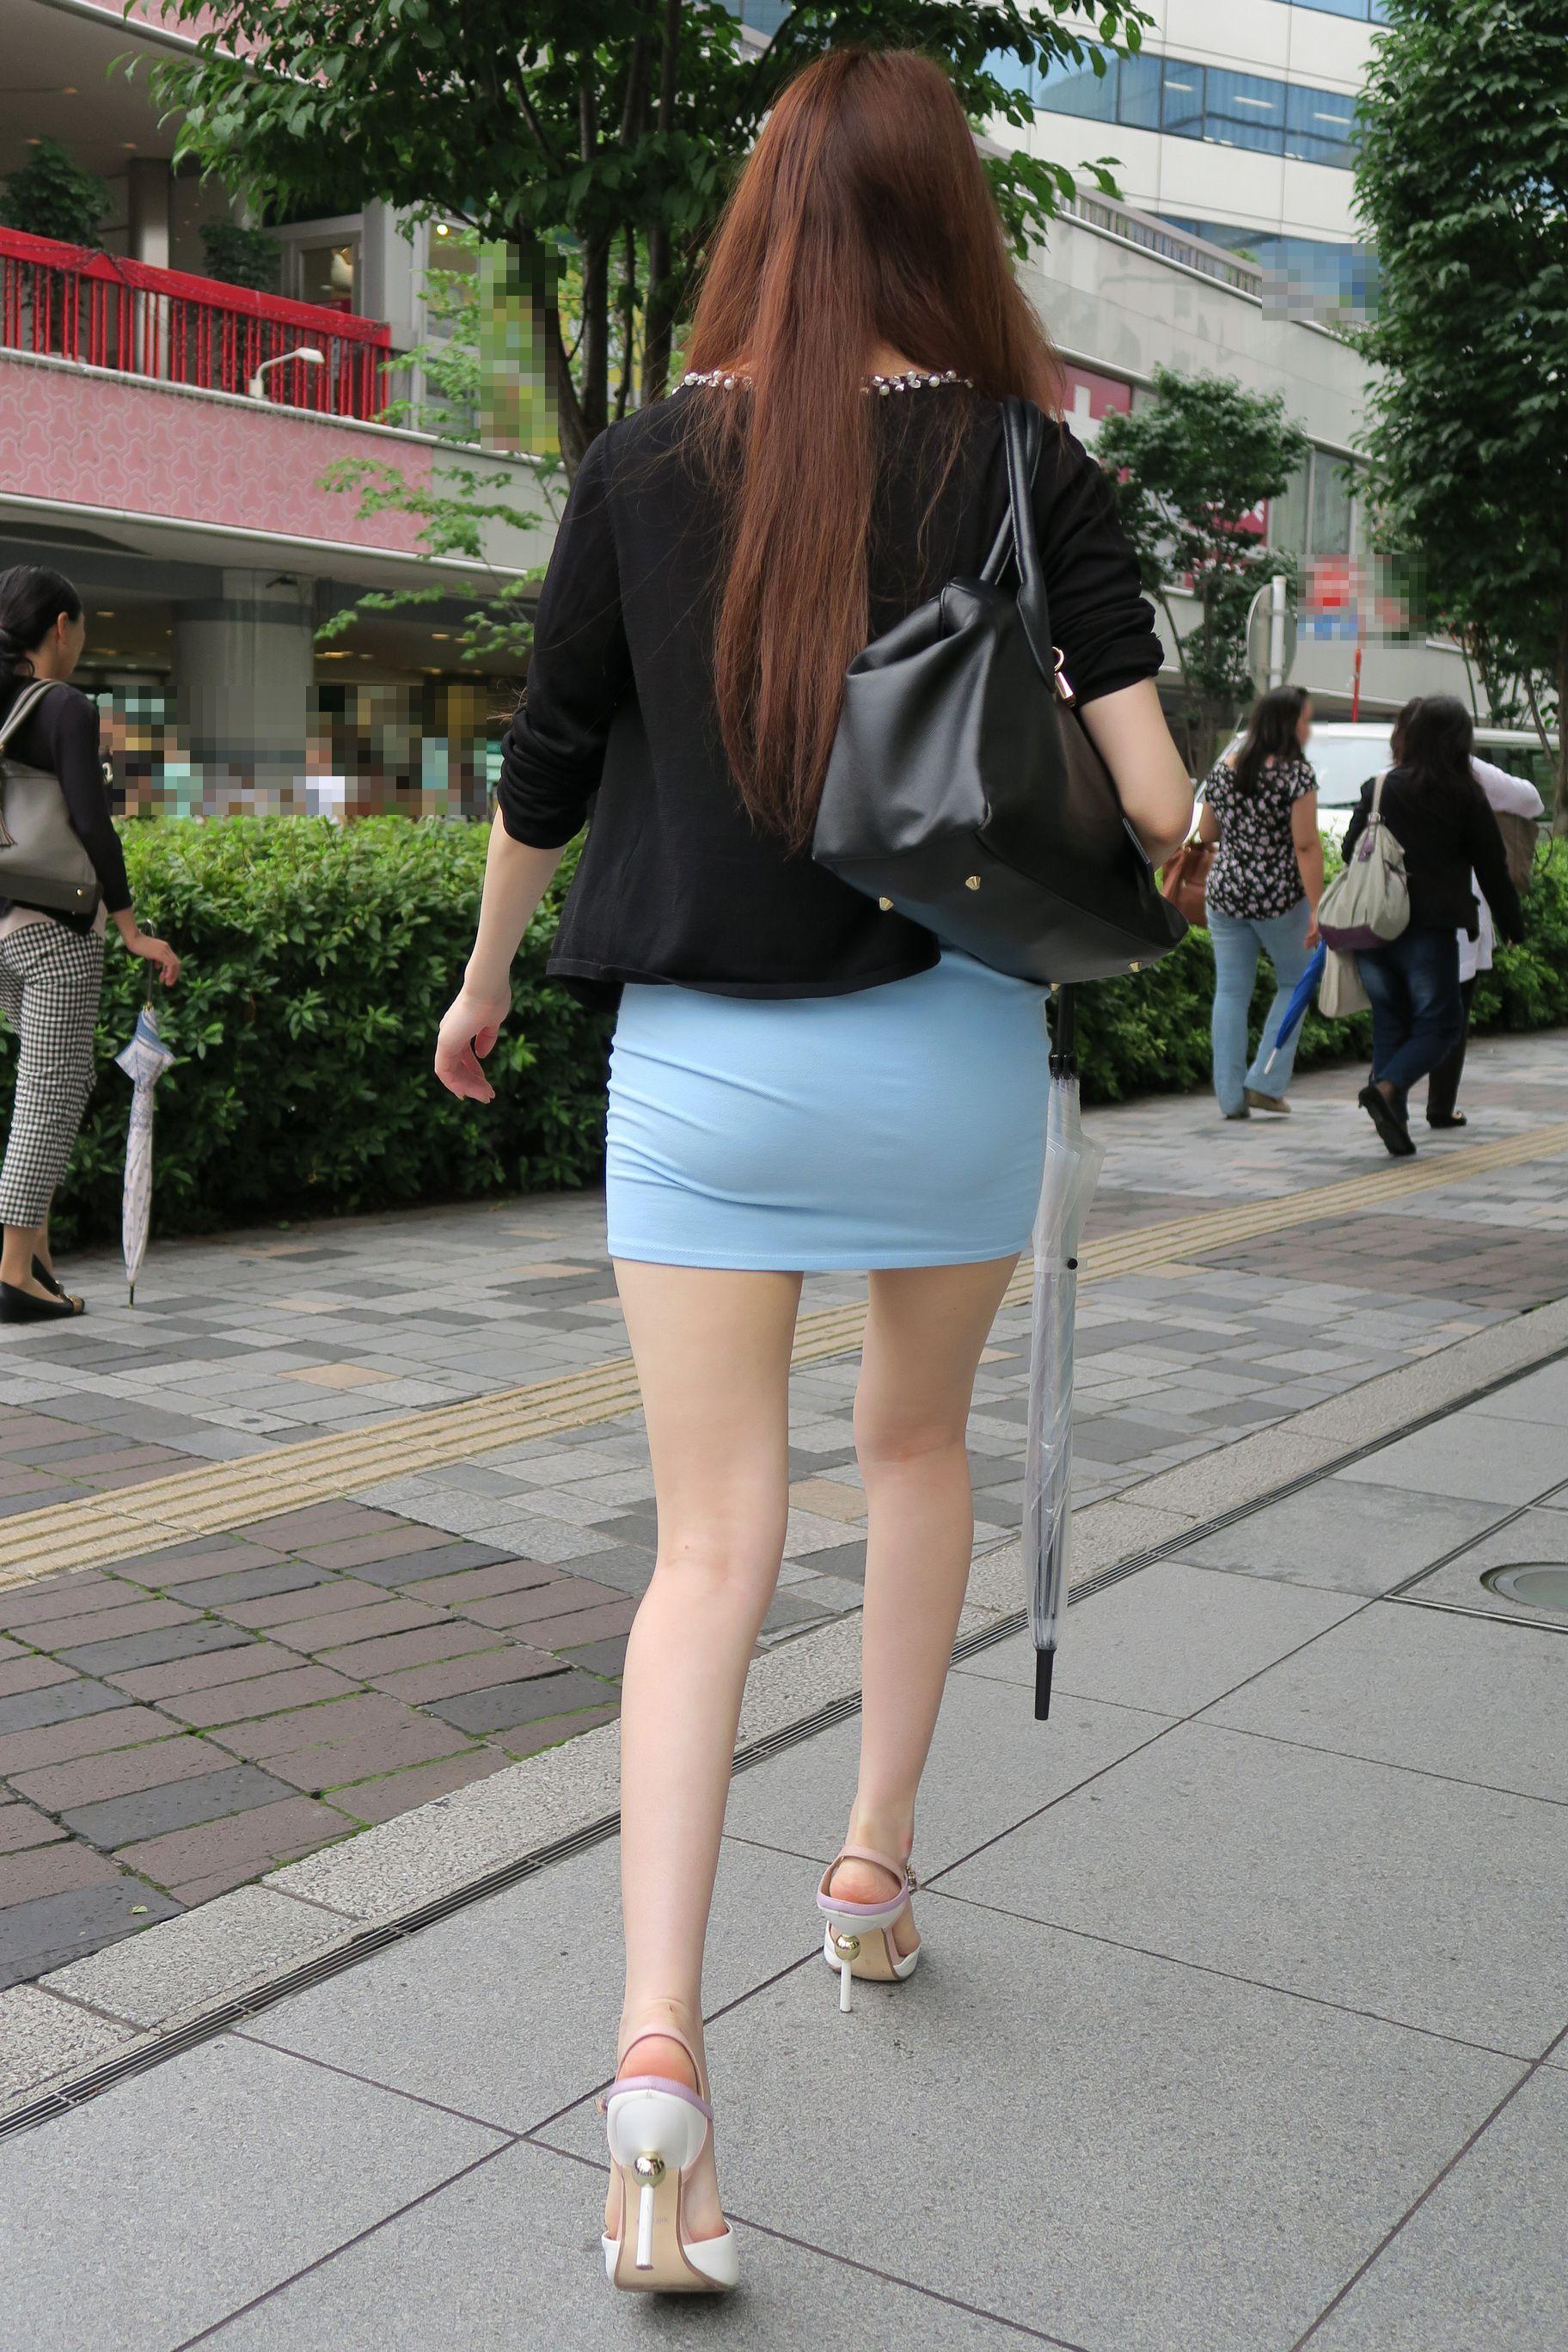 短いスカートから覗く生足がエロすぎる!